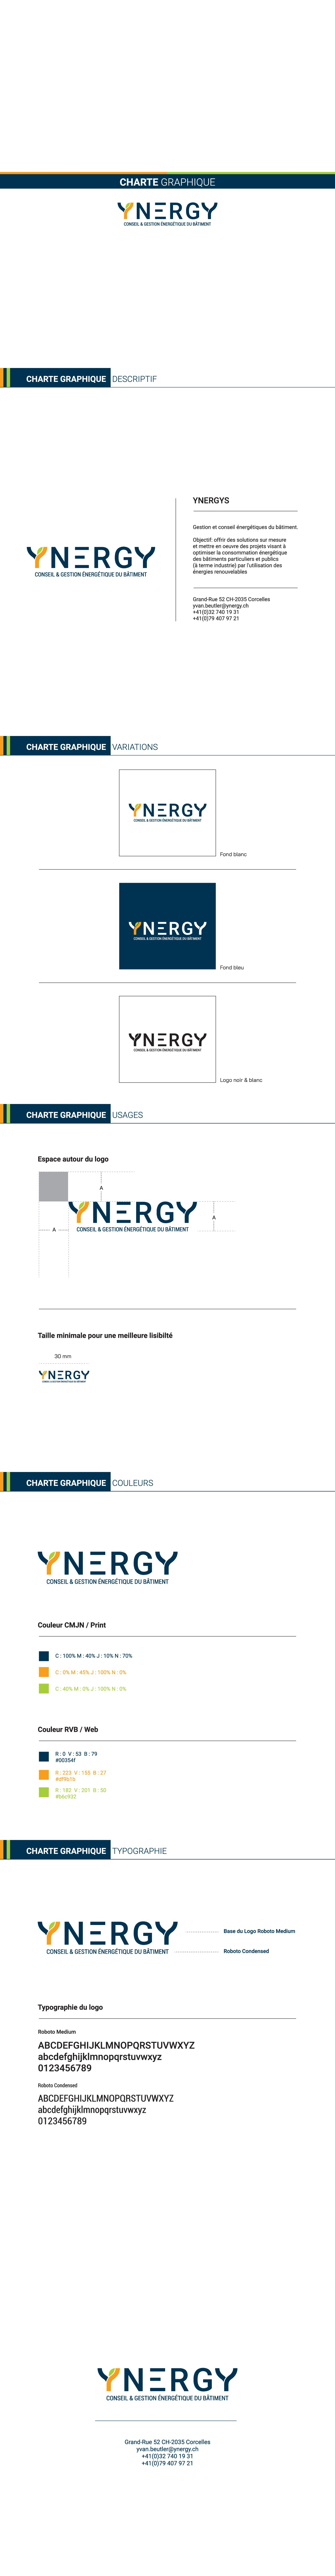 ynergy. Création d'entreprise gestion énergétique bâtiments. Logo et carte de visite.